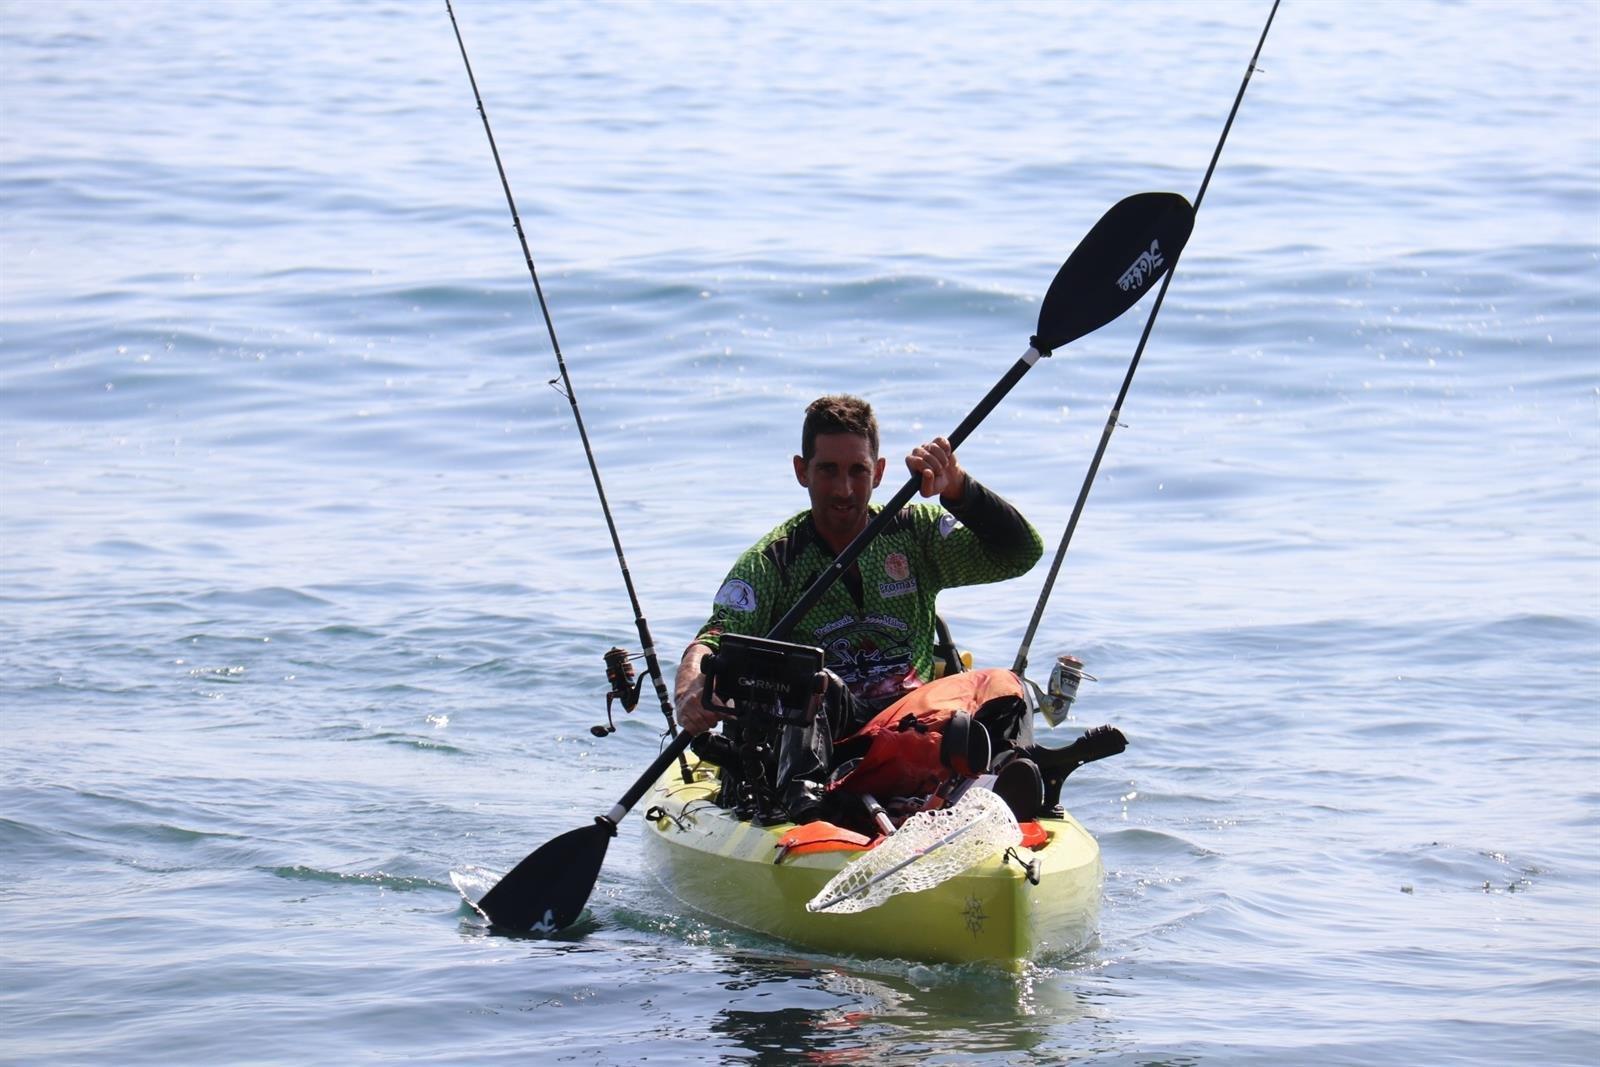 Almuñécar autoriza la práctica de deportes acuáticos en solitario pero no el baño recreativo